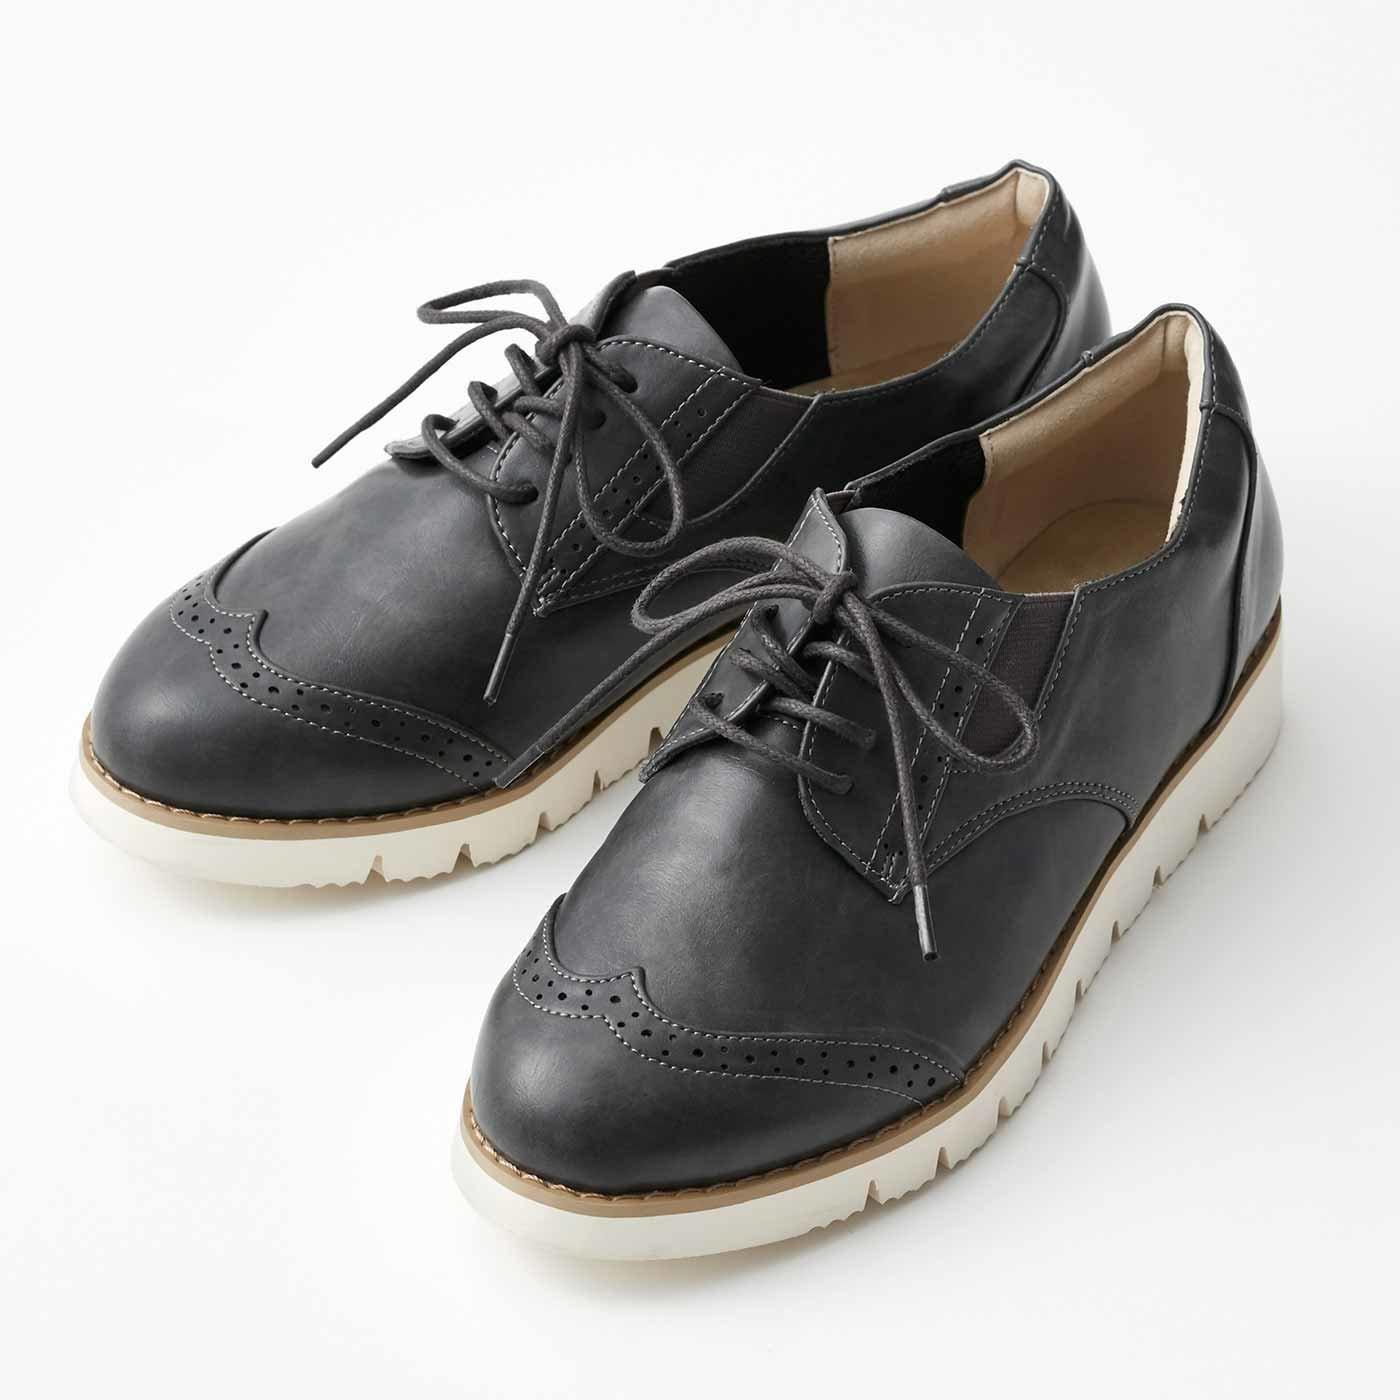 スニーカーの履き心地 ダークカラーの軽やかきちんと靴の会